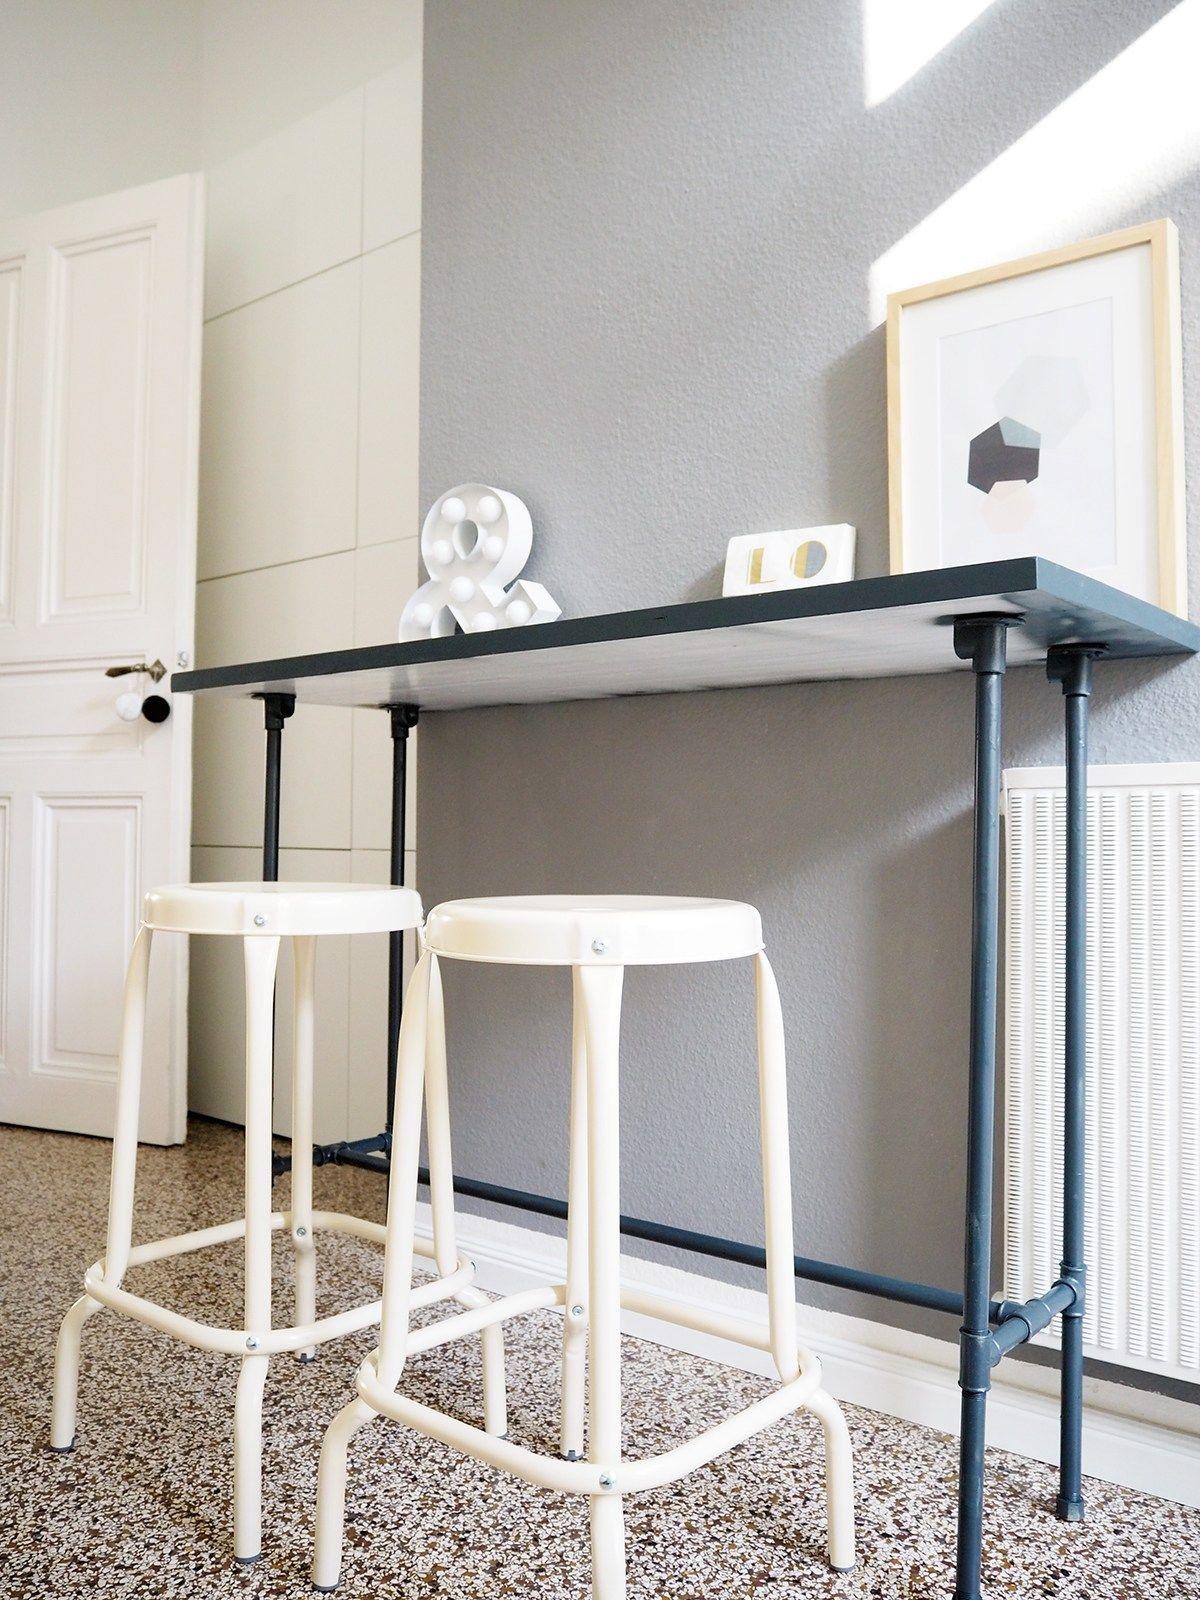 DIY-Bartisch aus Installationsrohren  Bartisch, Hochtisch, Küche